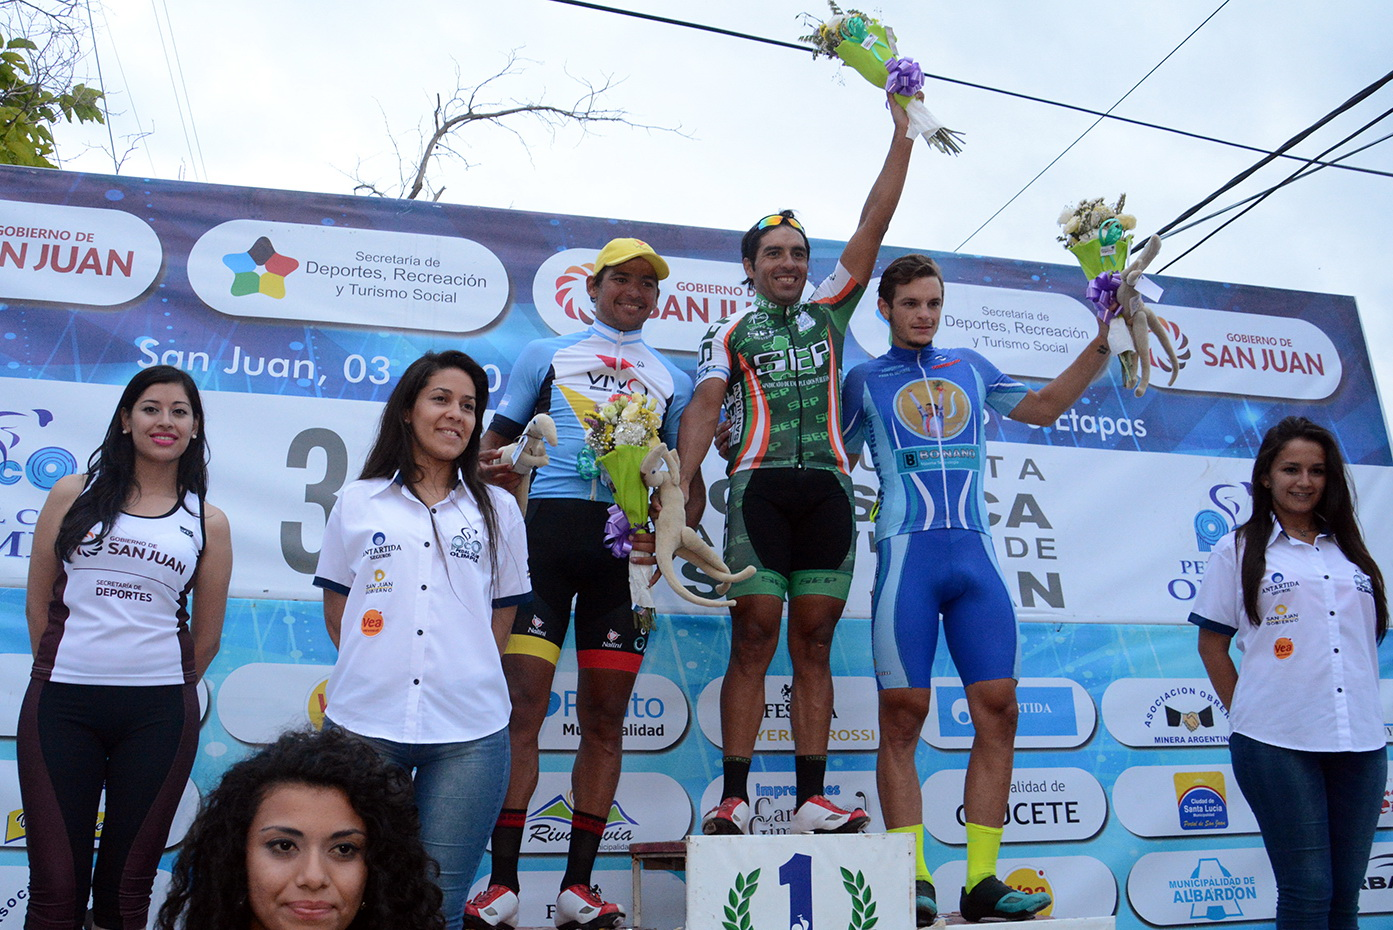 Juan Ignacio Curuchet en el podio de la Vuelta de San Juan. (Foto: Luis Rojo Mallea Prensa Vuelta a San Juan)